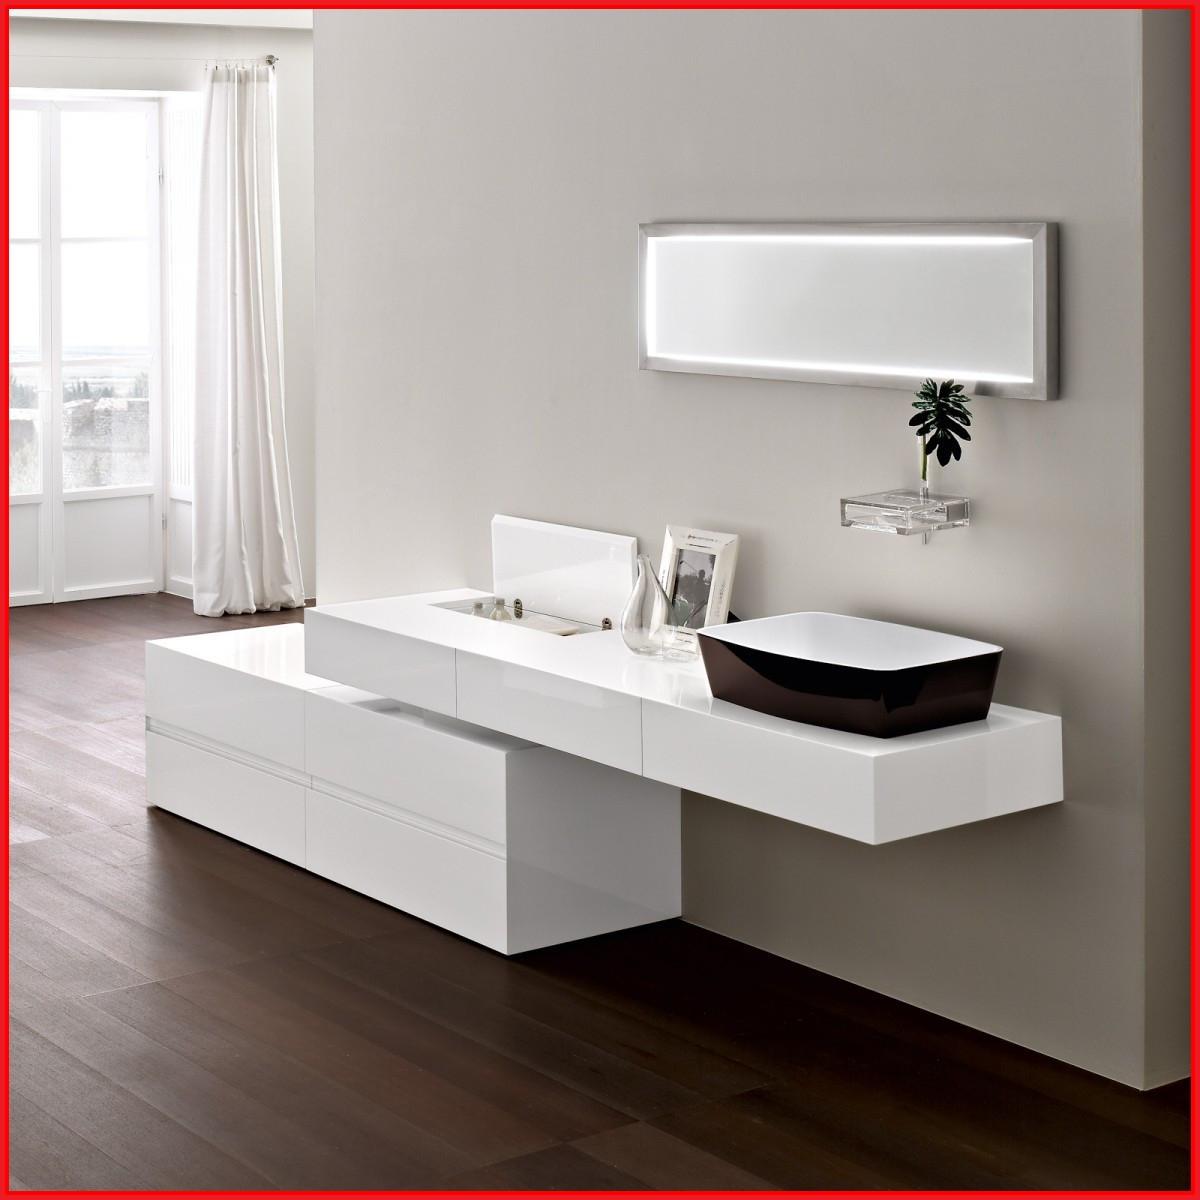 Muebles De Baño Blancos Fmdf Muebles De Baà O En Blanco Muebles De BaO De DiseO Mueble